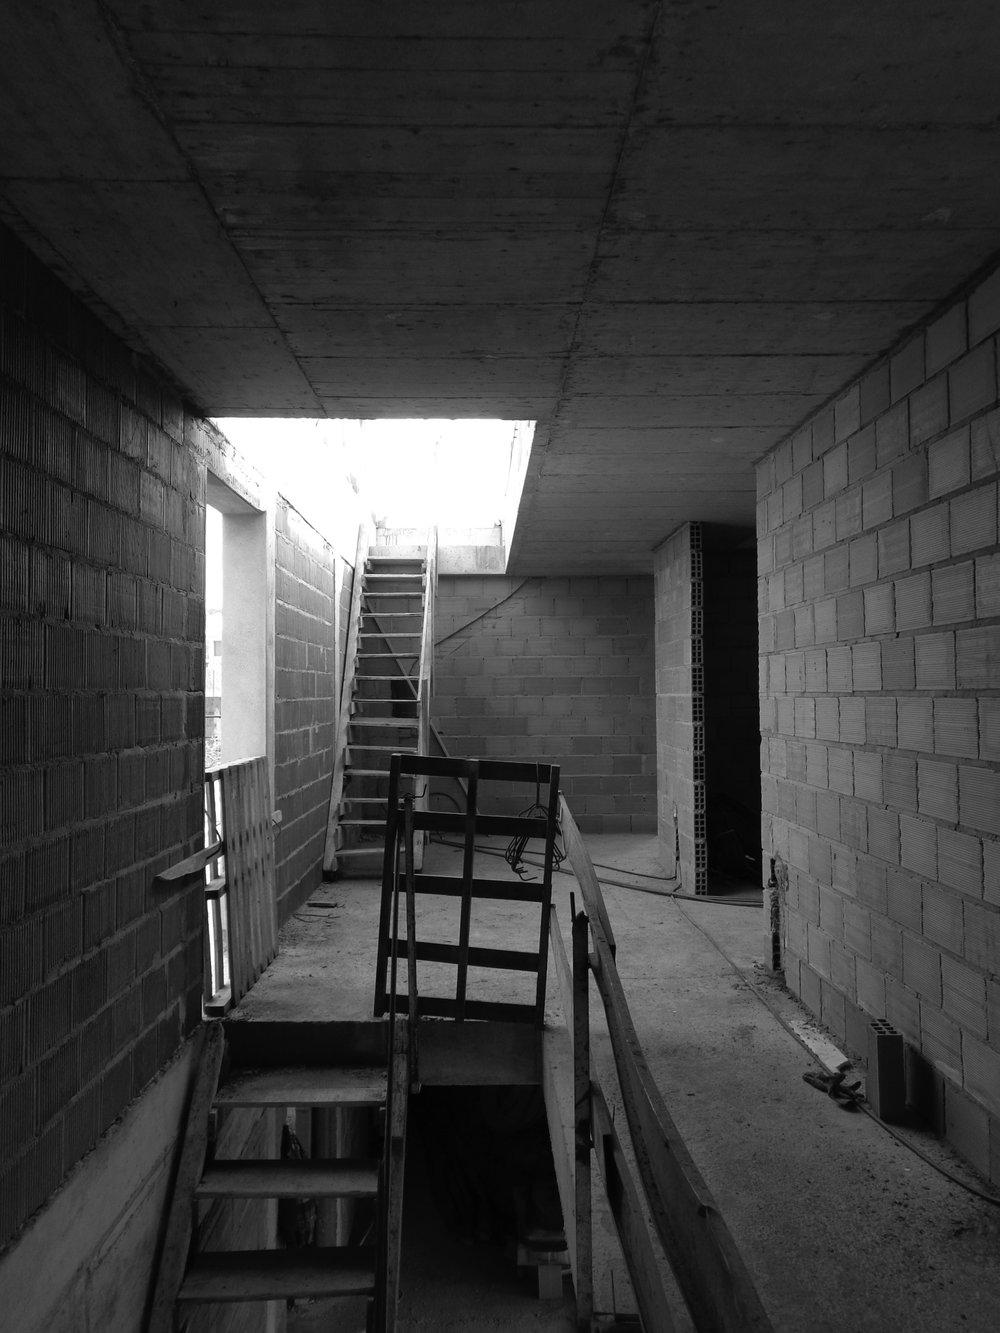 Moradia Alfazema - EVA evolutionary architecture - vila nova de gaia - arquitecto - porto (22).jpg